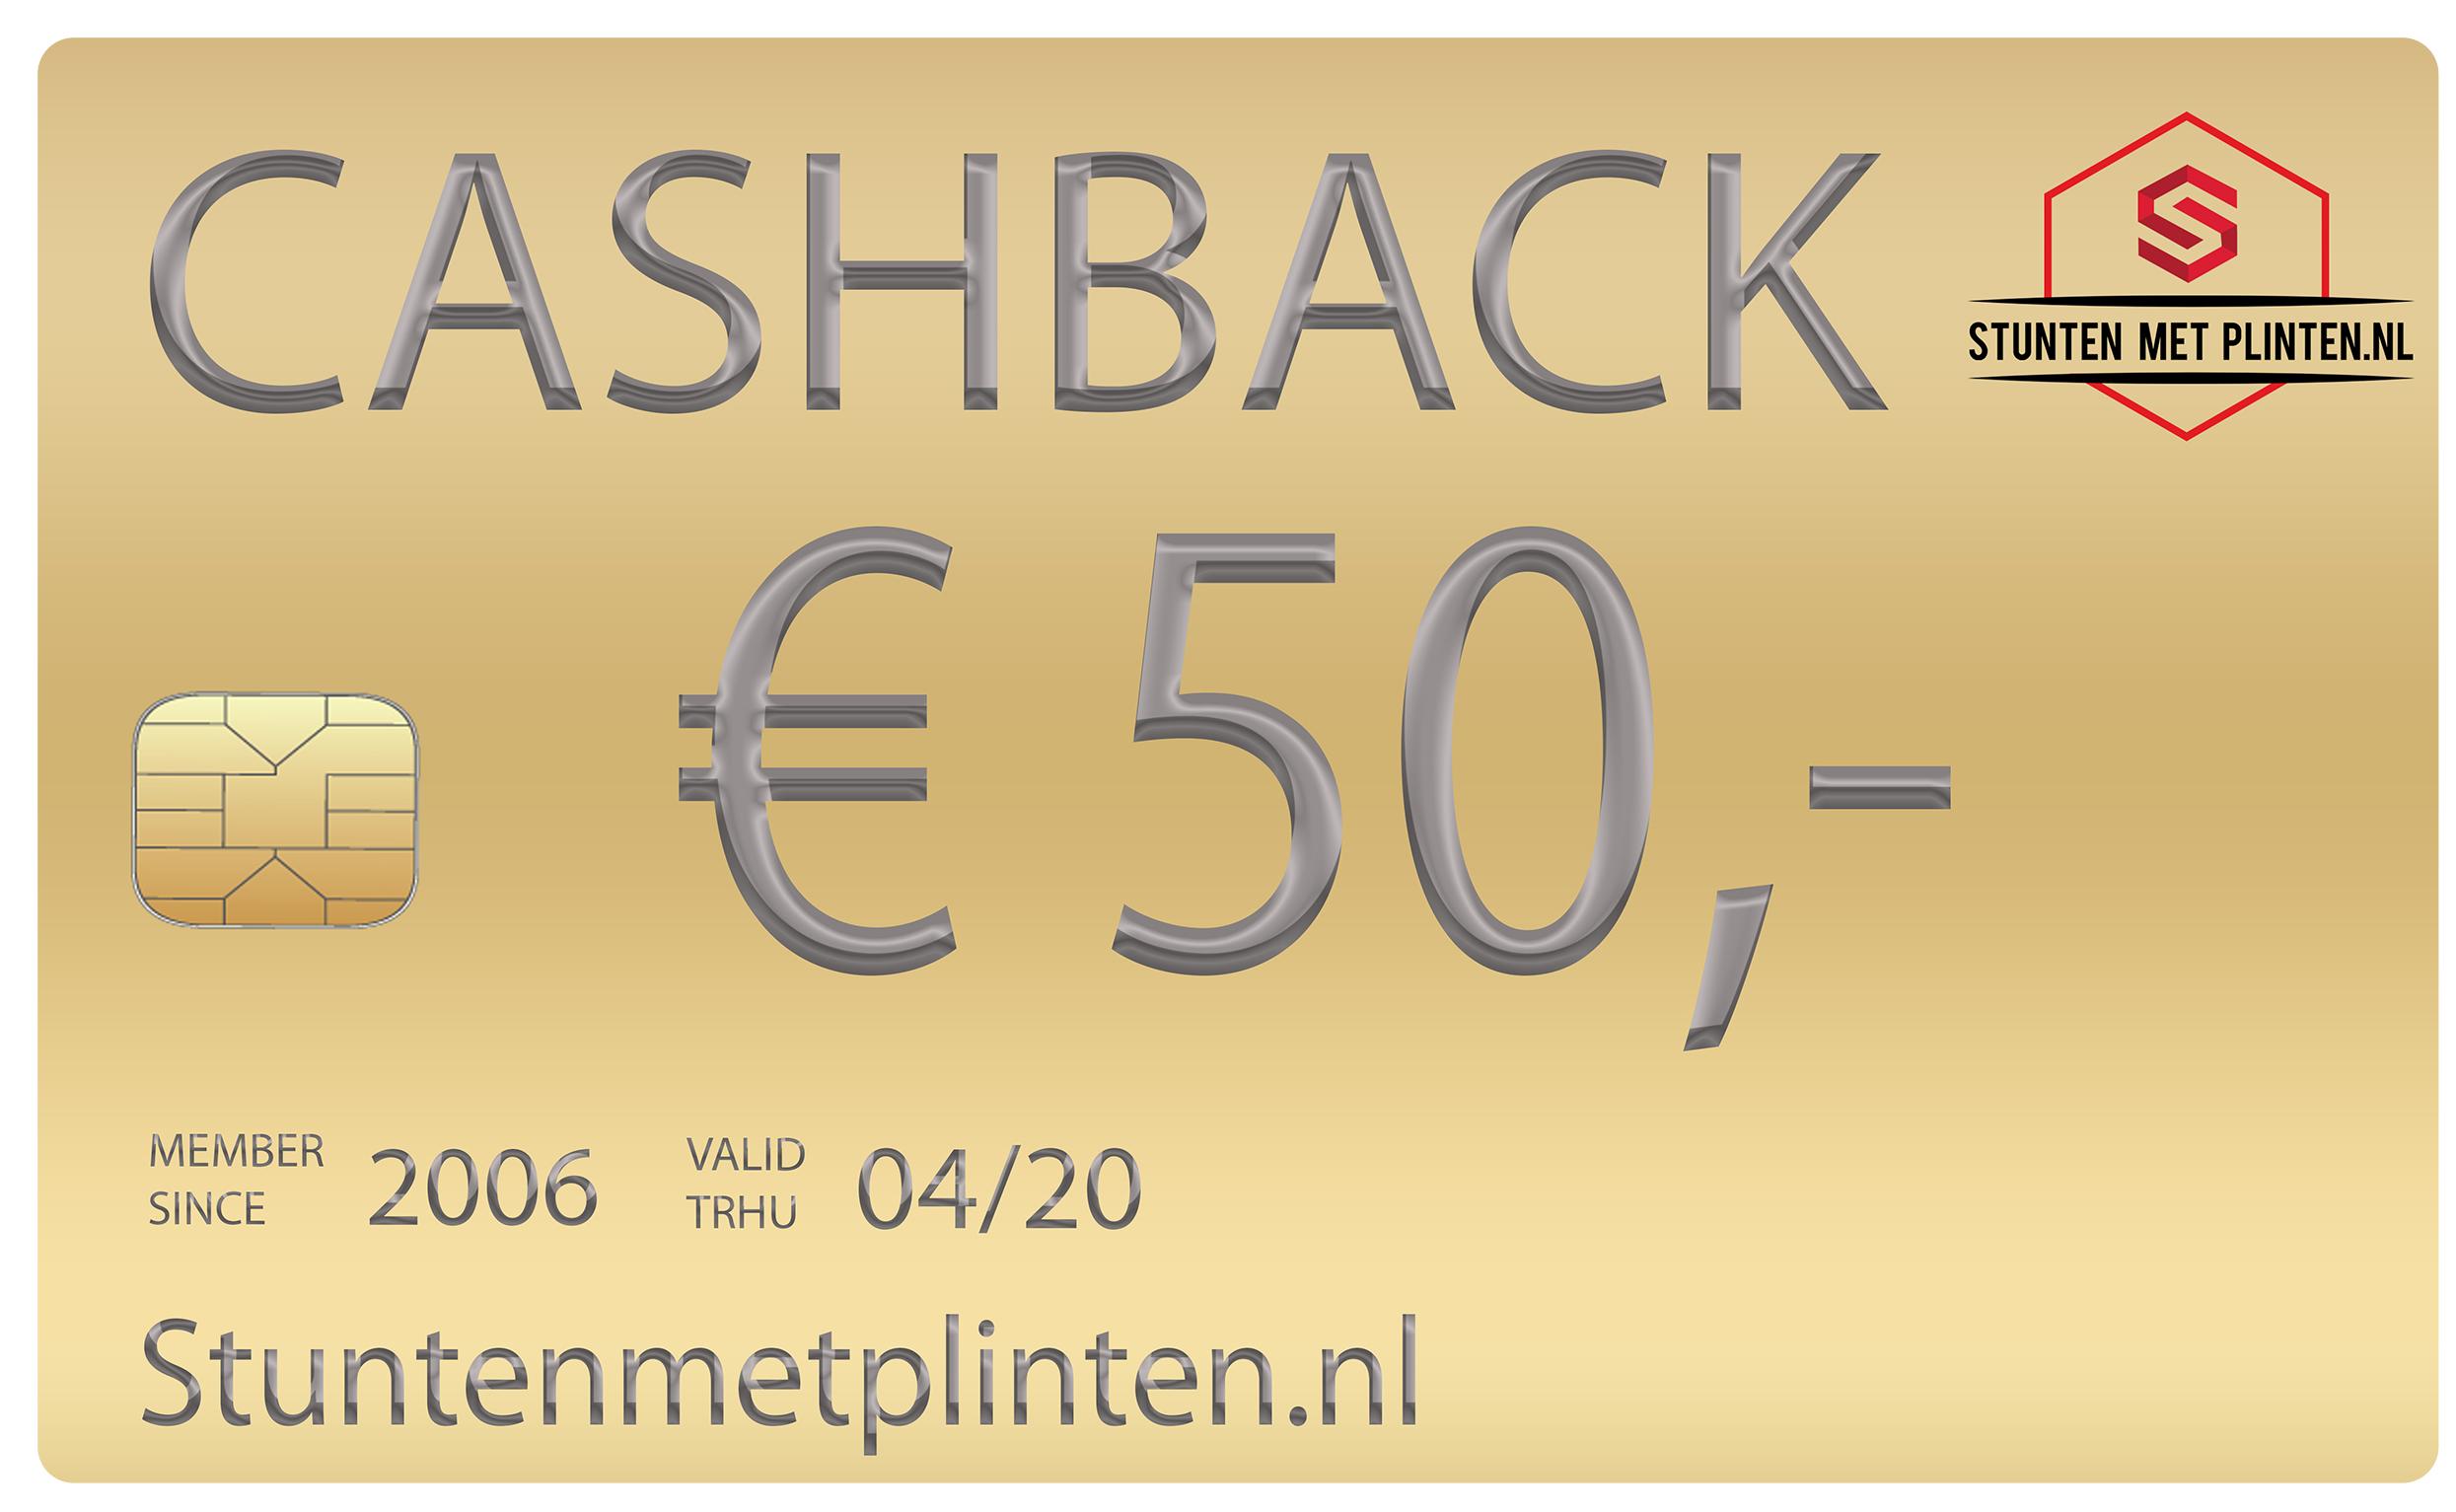 Caschback aktie Stuntenmetplinten.nl